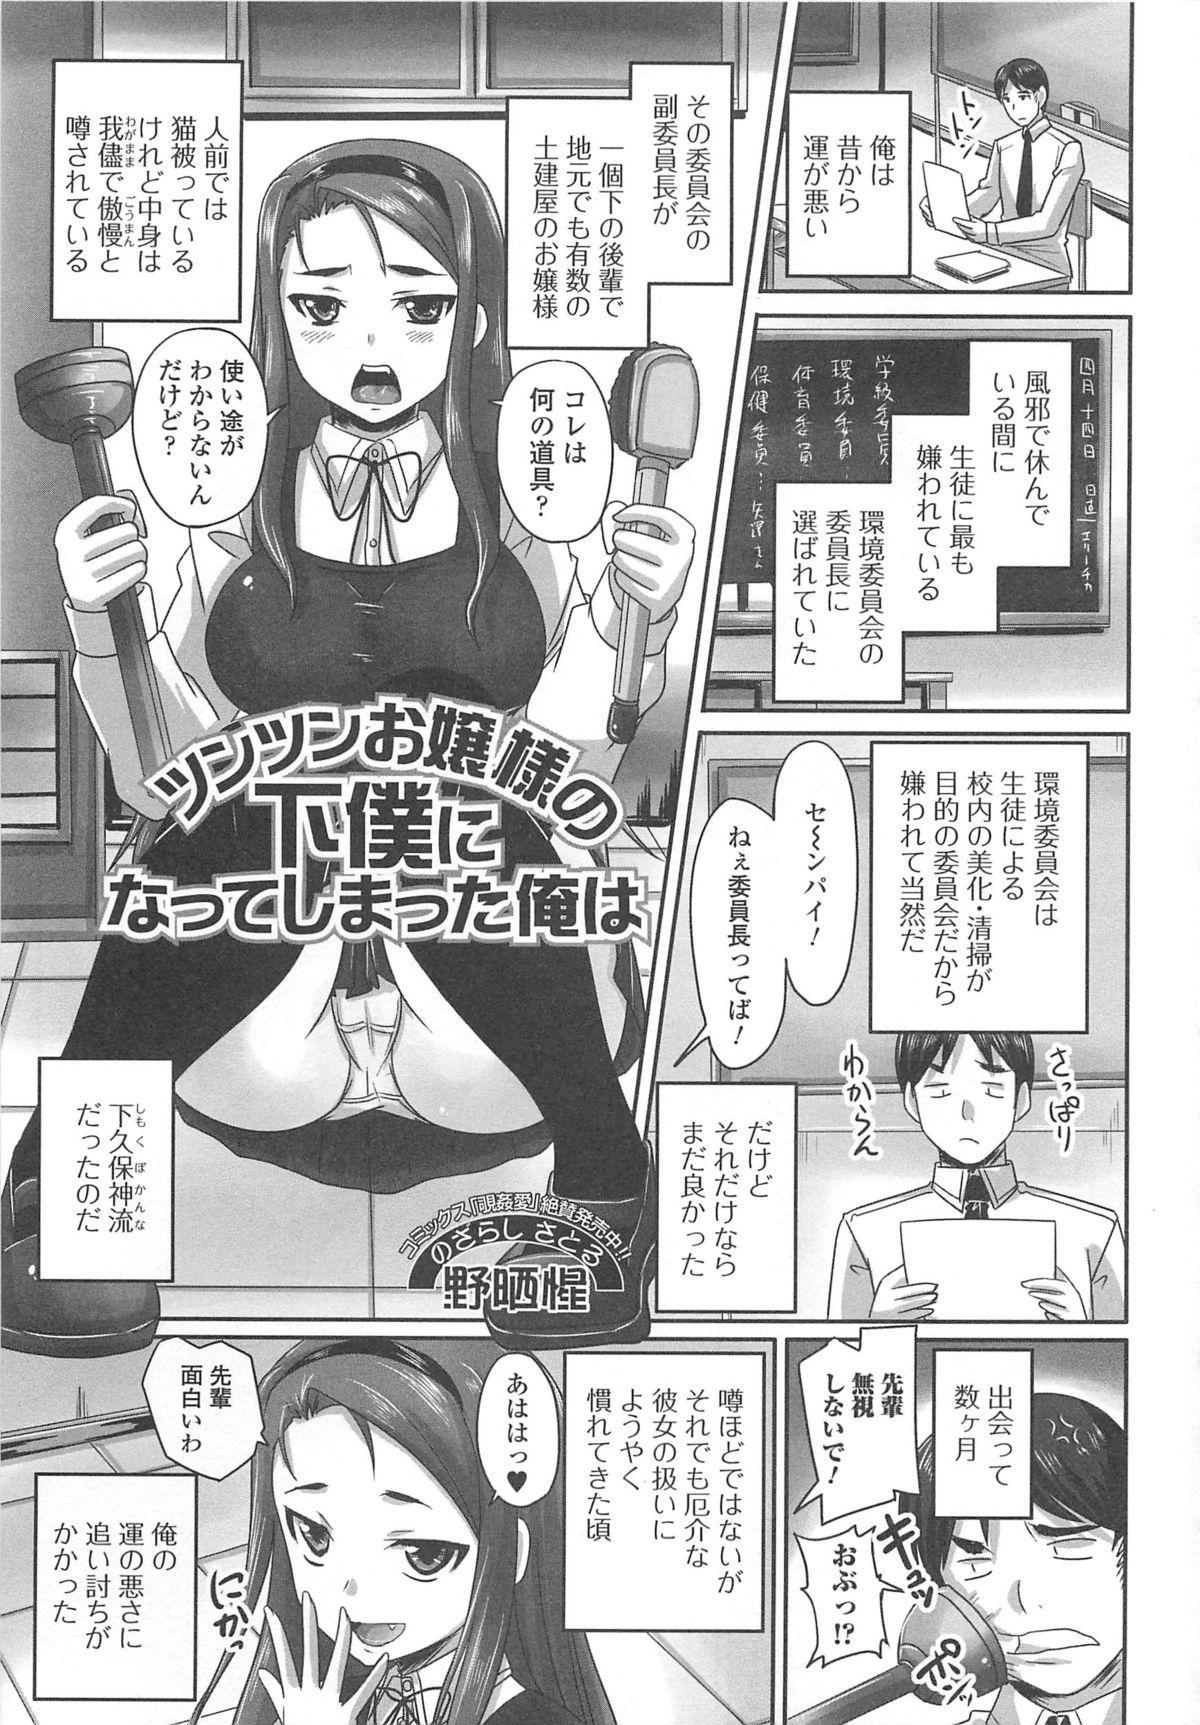 Tsuntsun Ojousama no Geboku ni Natte Shimatta Ore wa Ch. 1-2 0